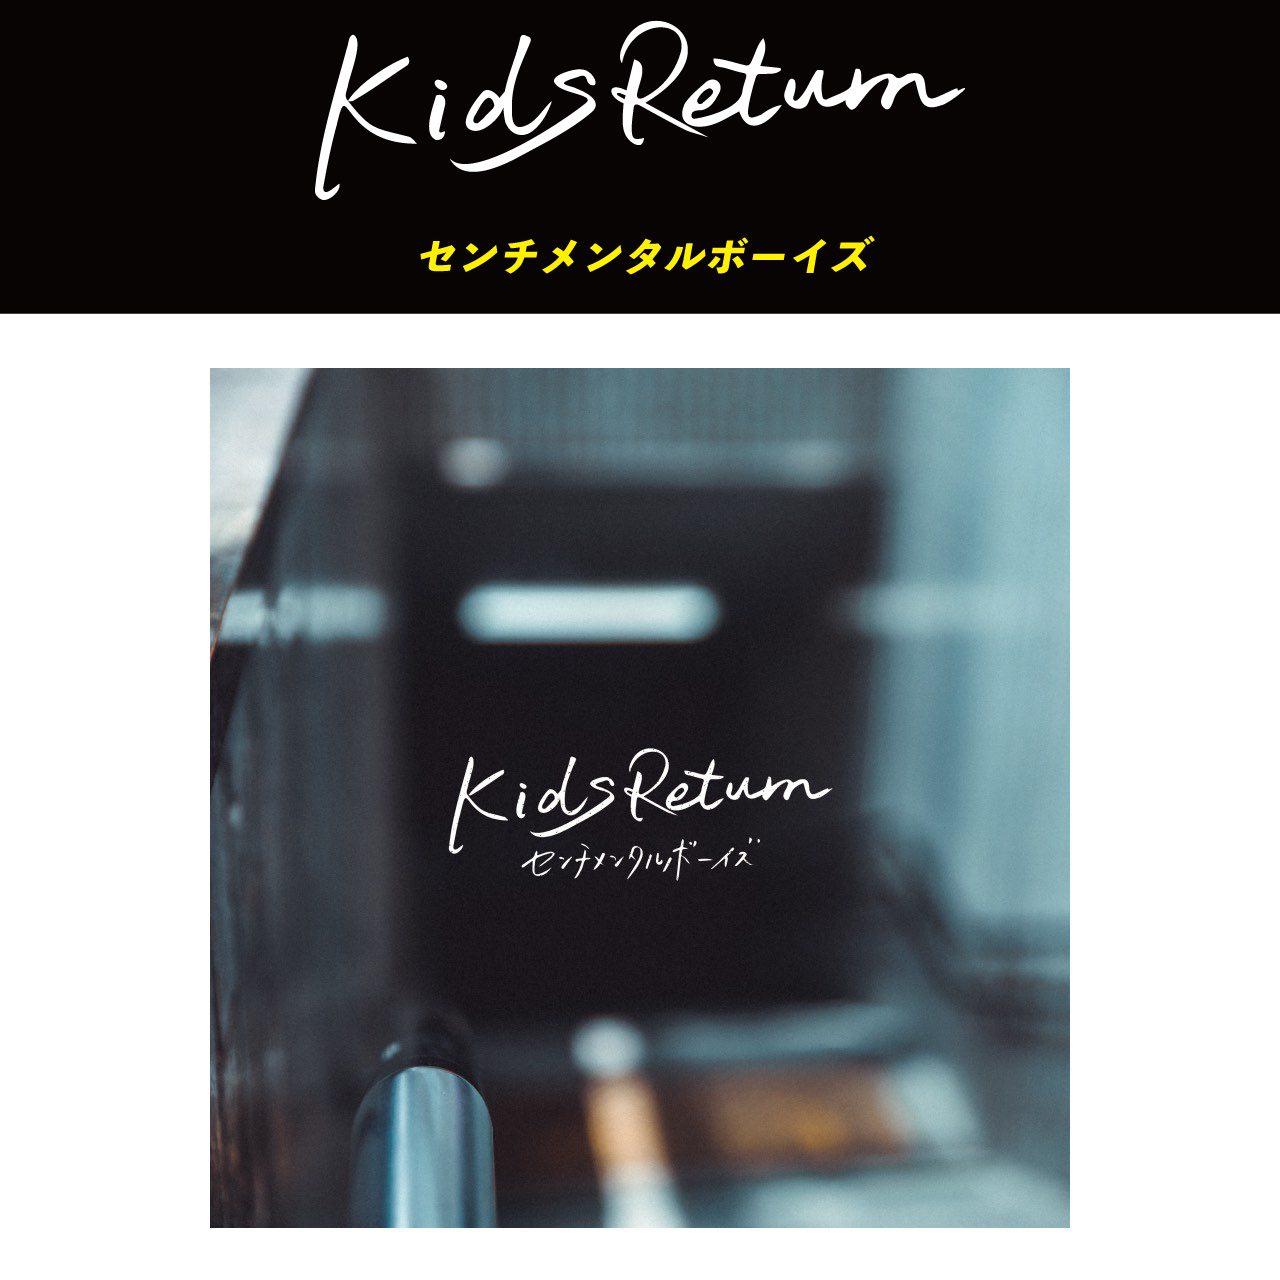 Kids Return センチメンタルボーイズ